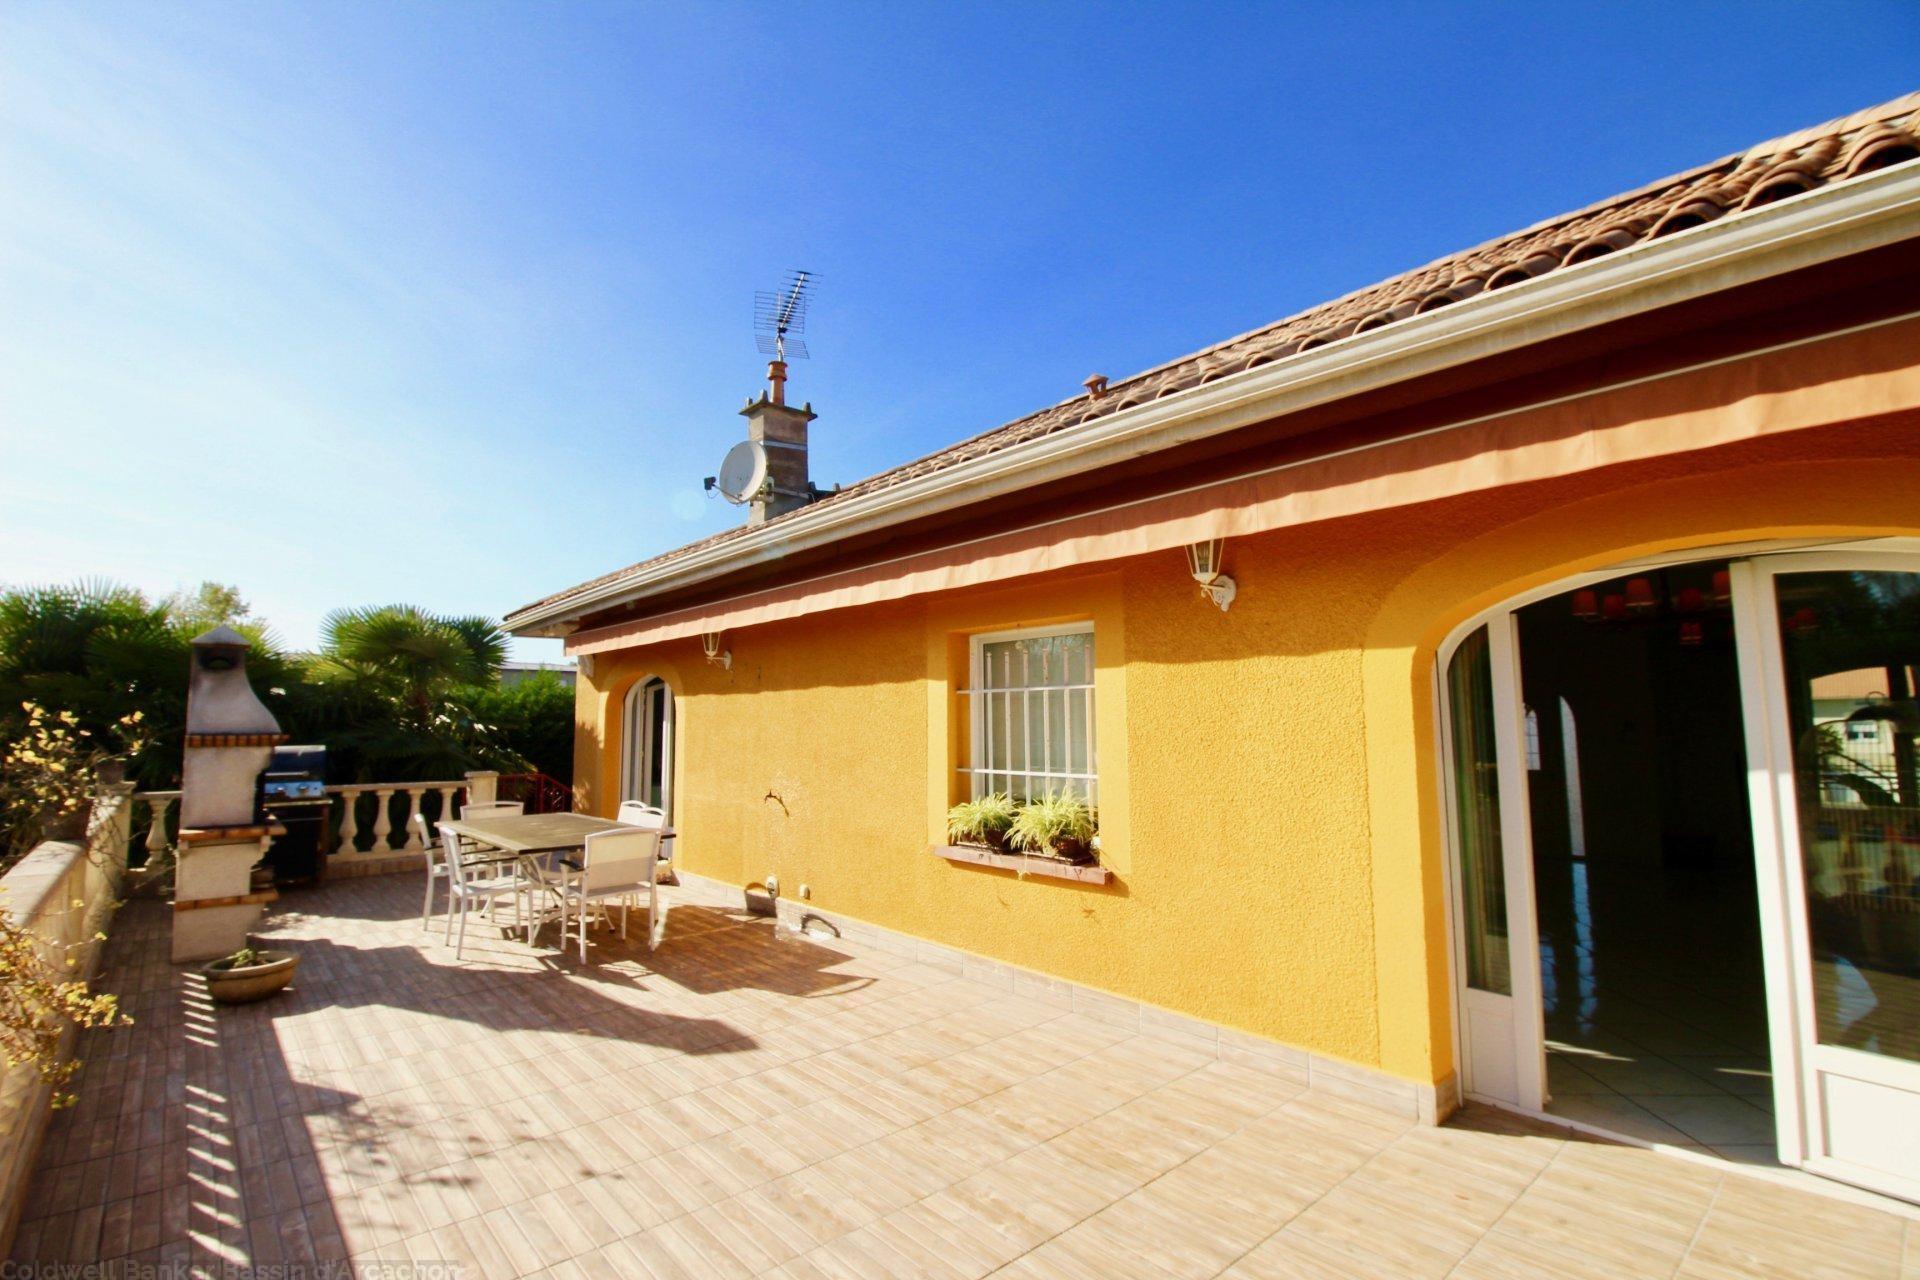 maison 5 chambres avec grand terrain et piscine chauffée a vendre pres bordeaux pessac